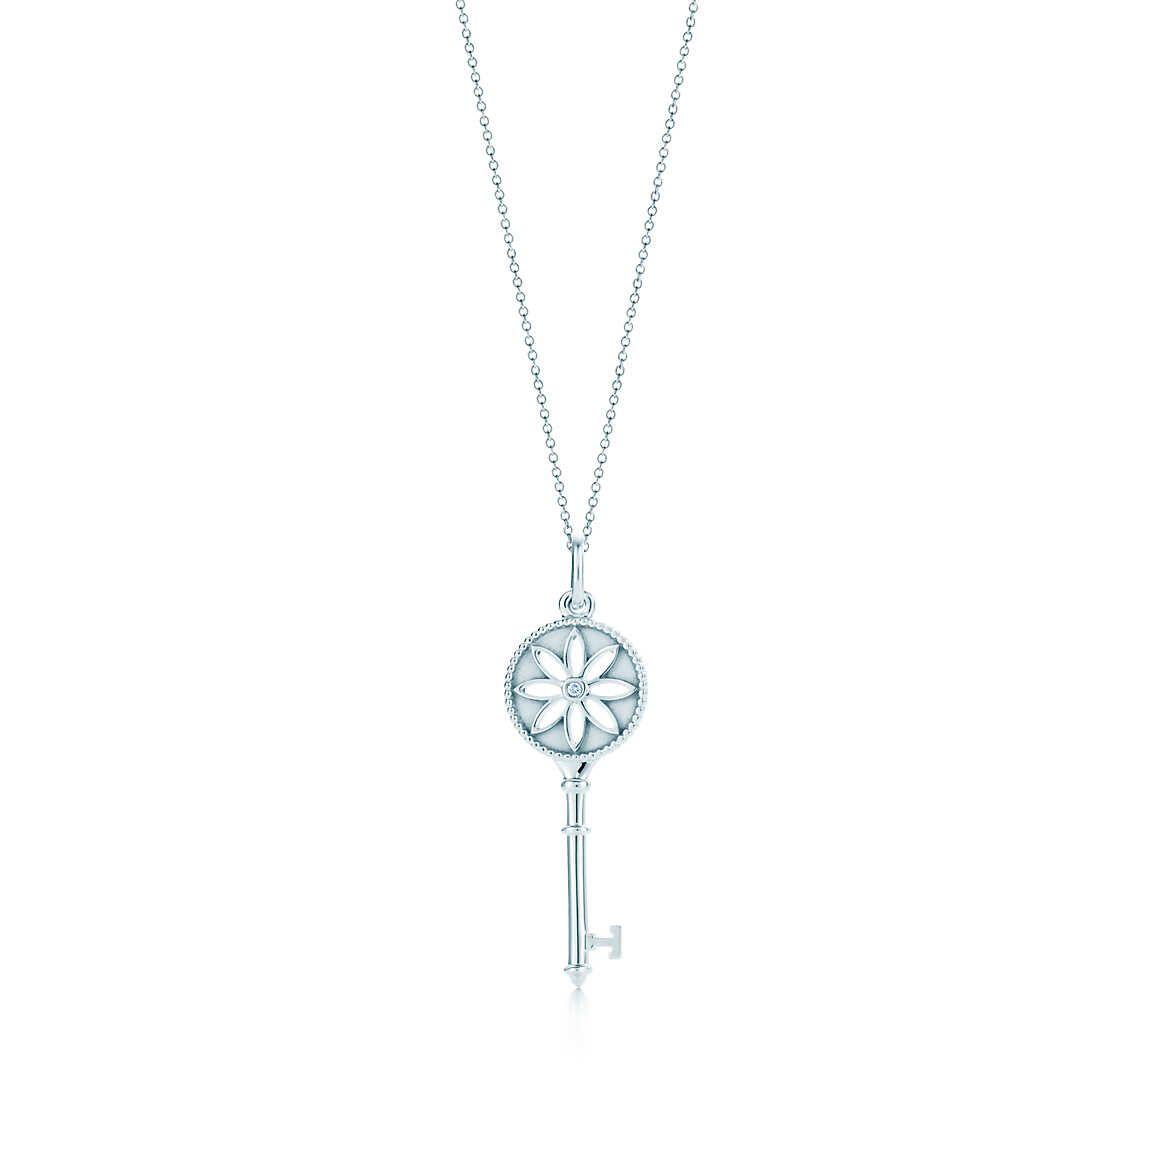 151b4db6f Tiffany Keys daisy key pendant in sterling silver with a diamond. | Tiffany  & Co.